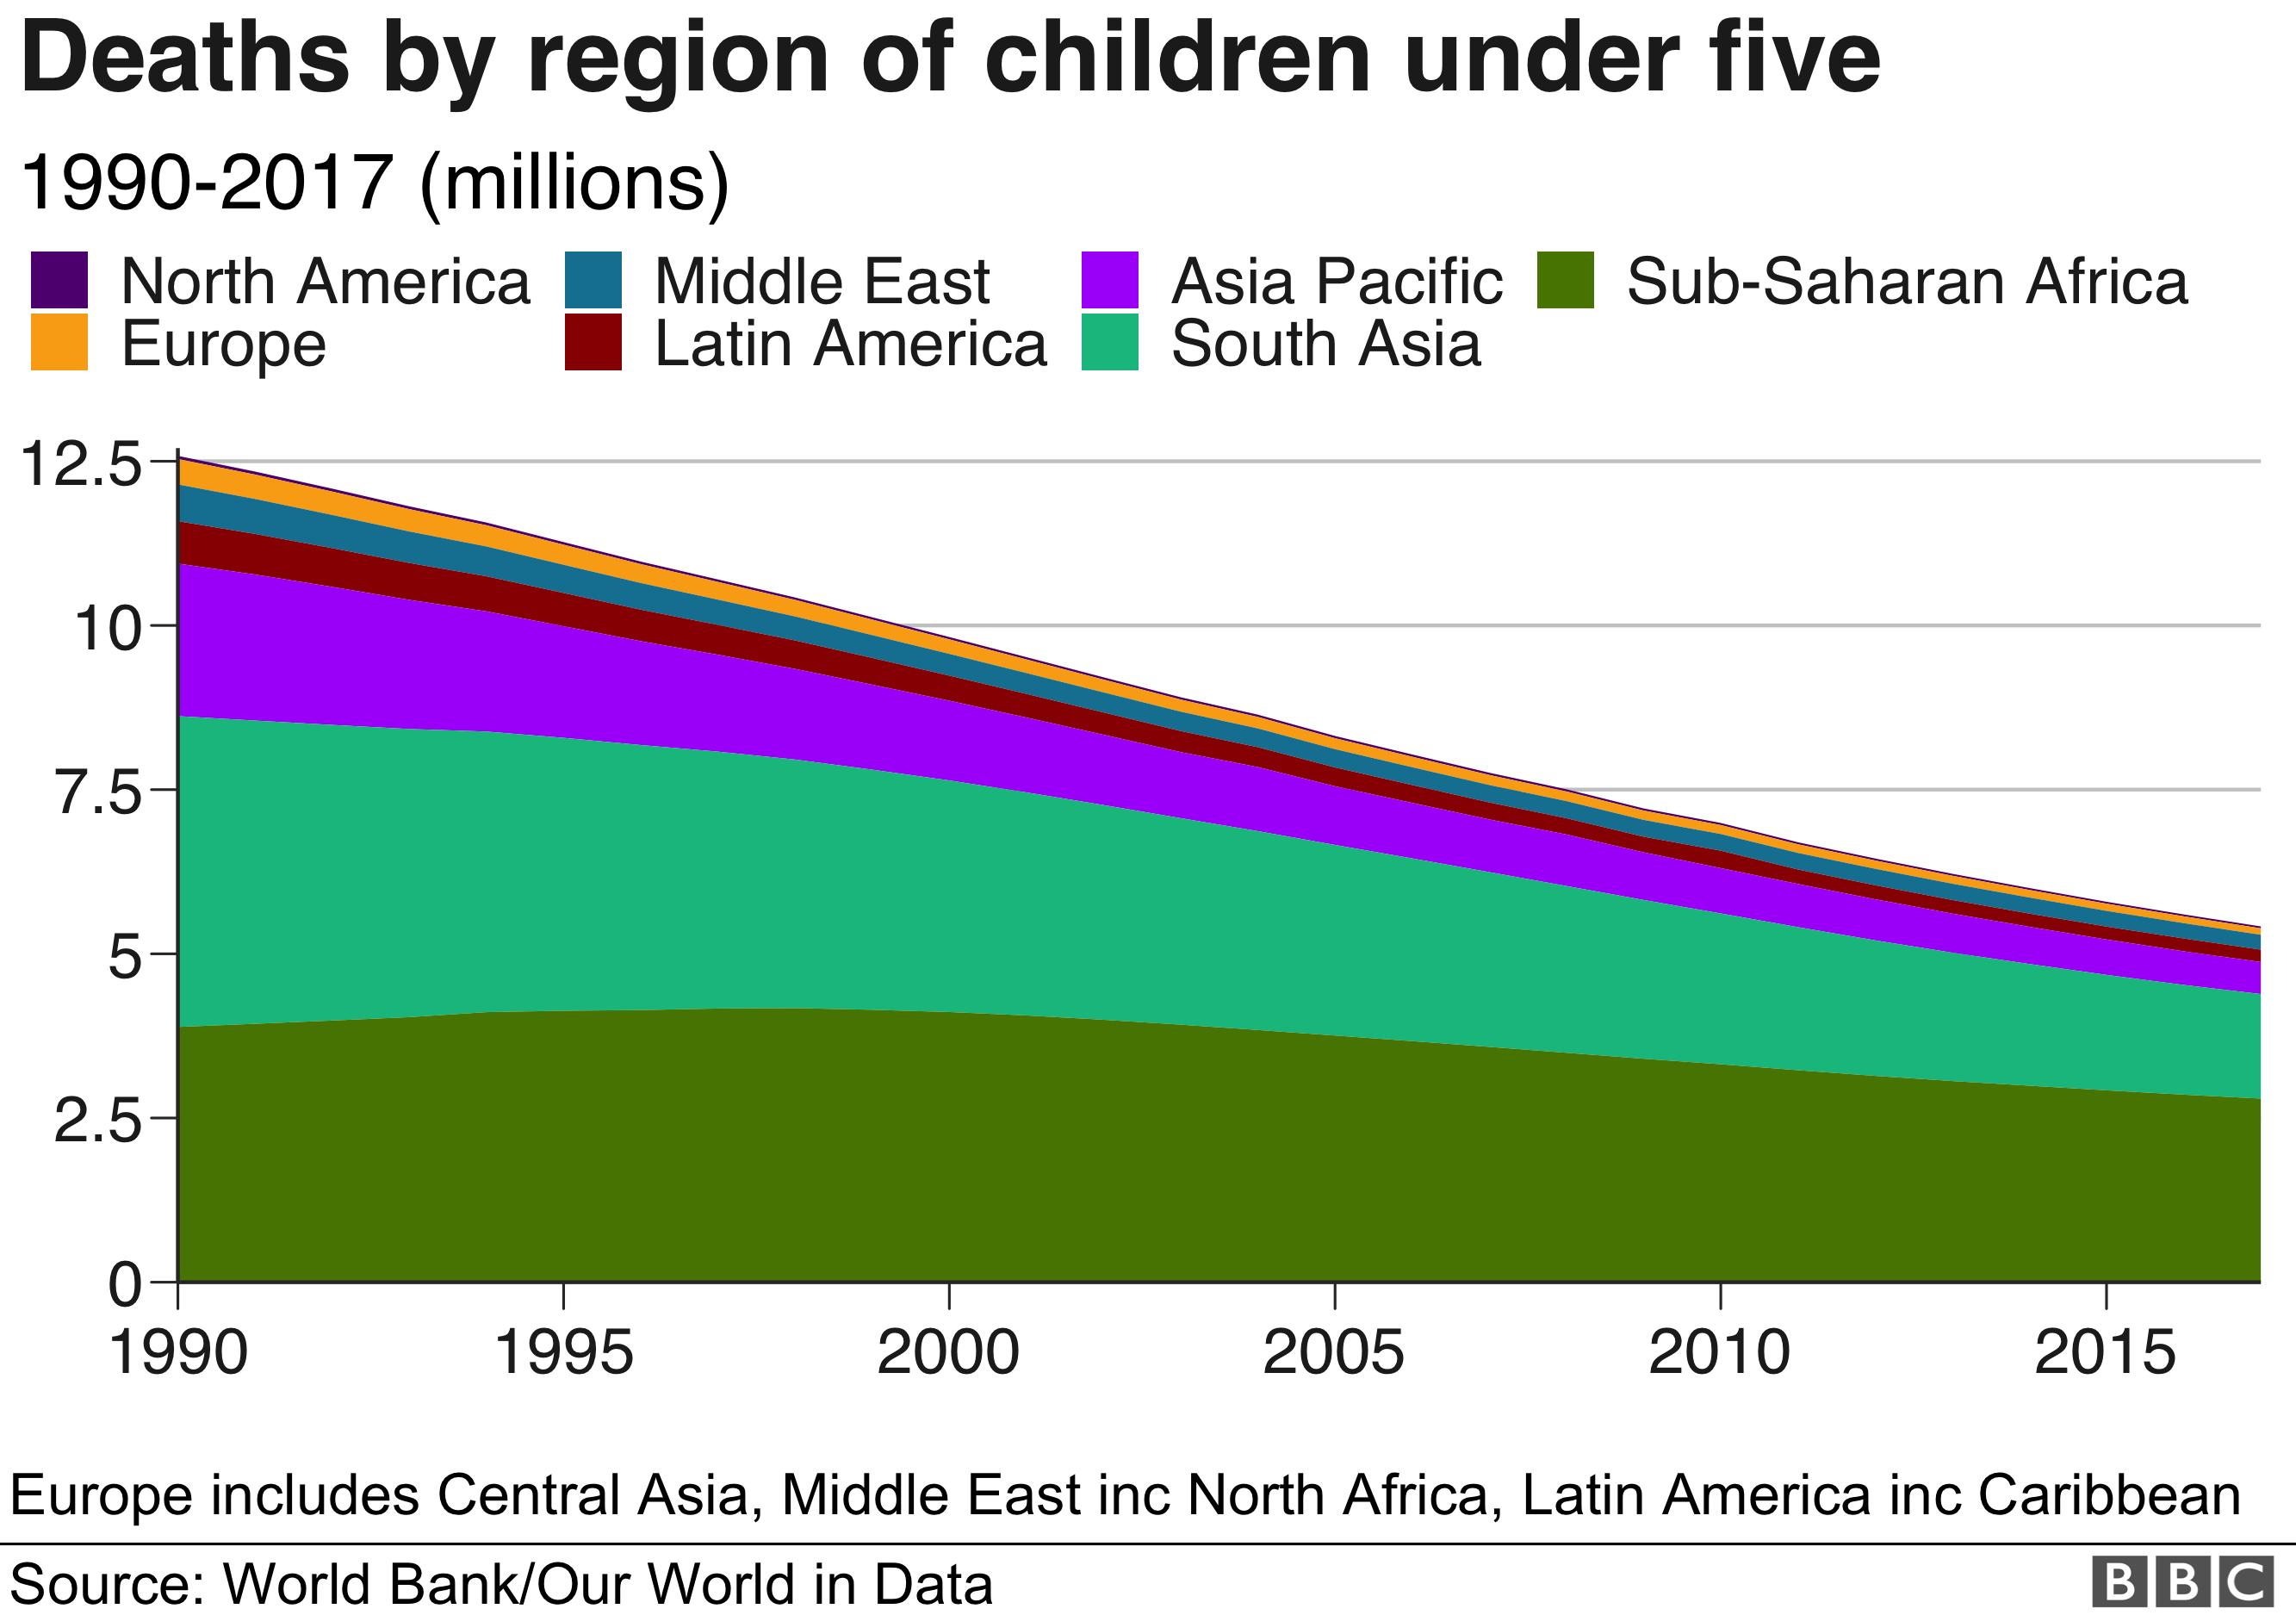 Deaths by region of children under five